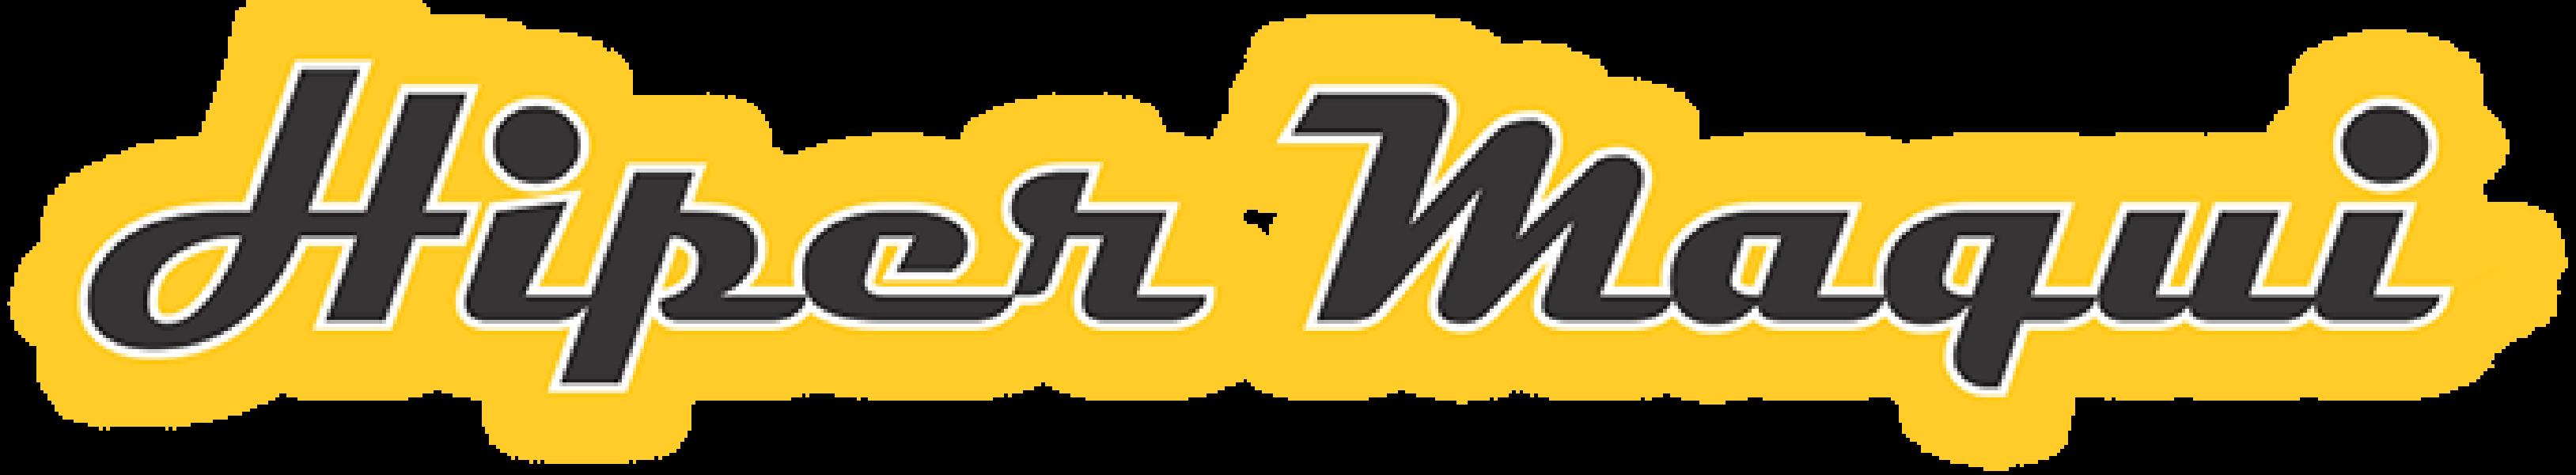 Hiper Maqui 137 - Assistência Técnica de Máquinas de Costura